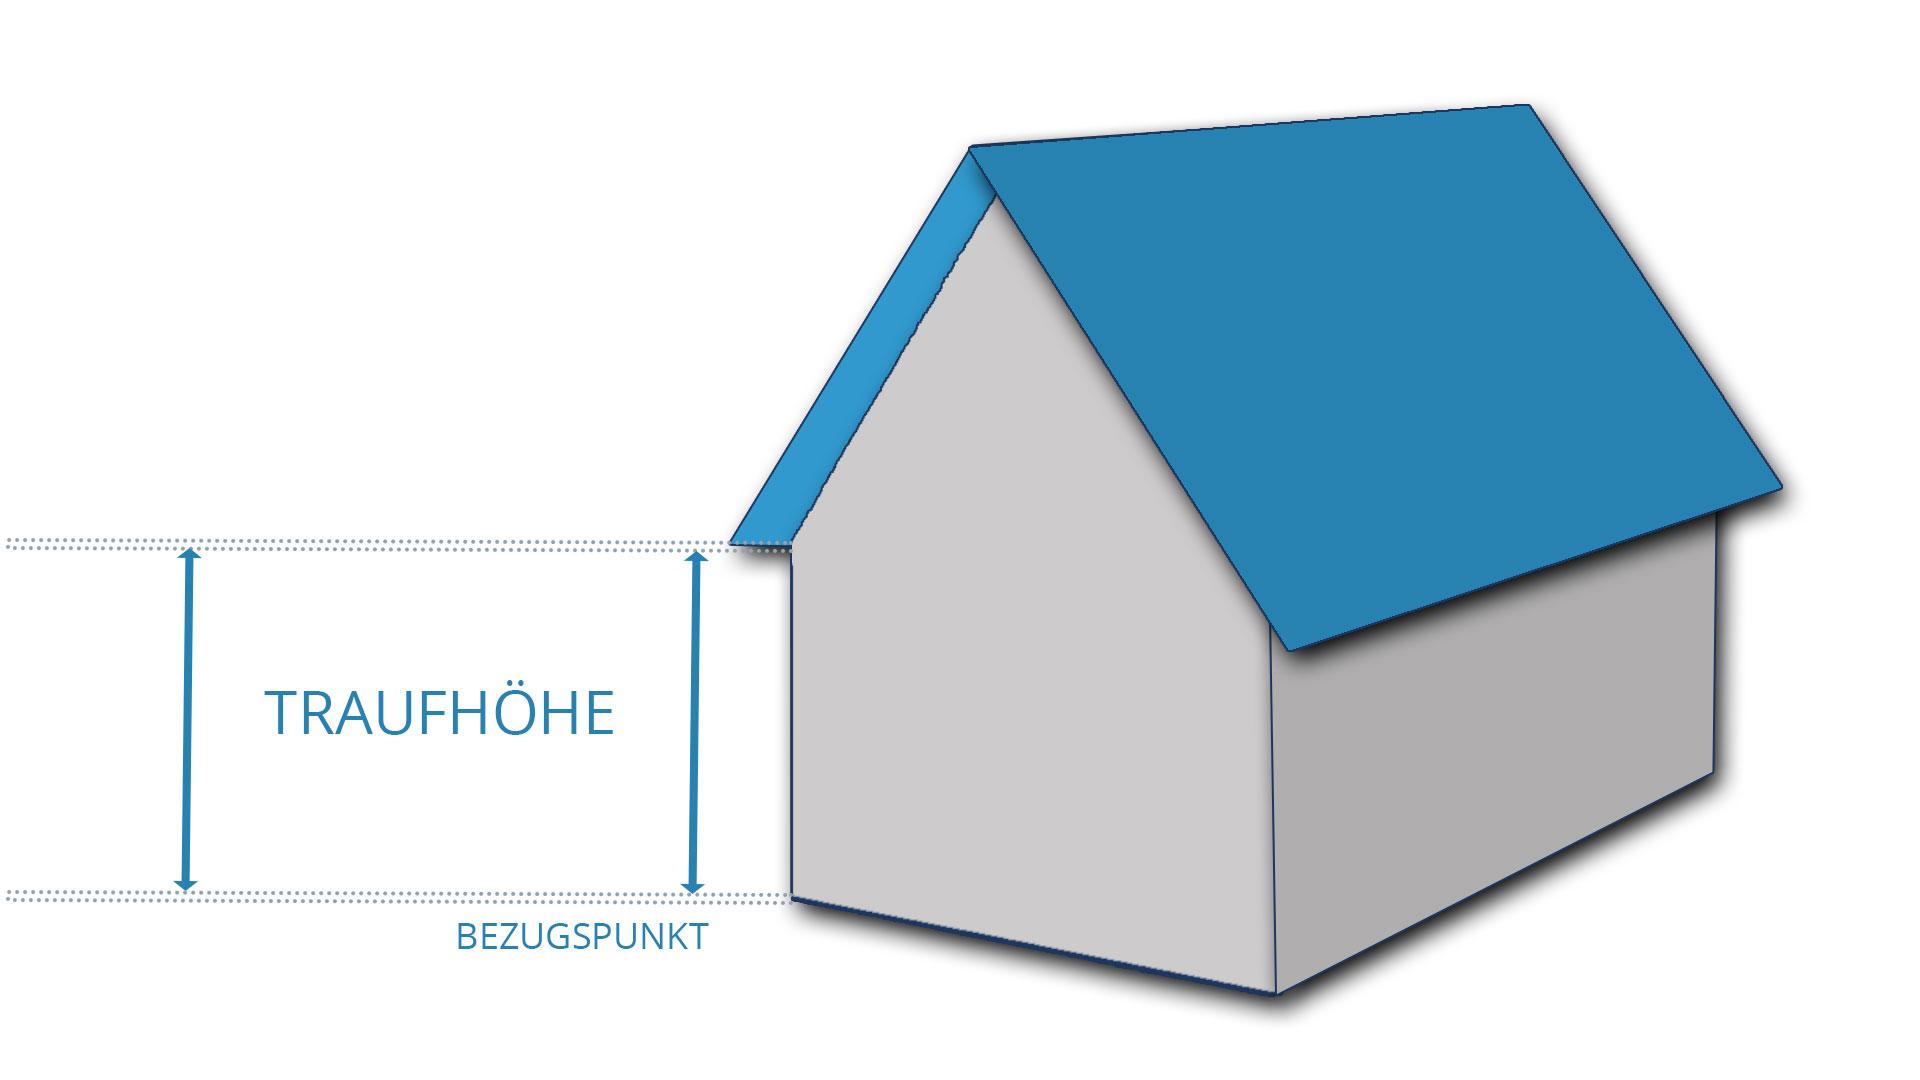 Die Traufhöhe bezeichnet die Tropfkante am Dach eines Gebäudes und ist somit die untere Begrenzung einer Dachfläche